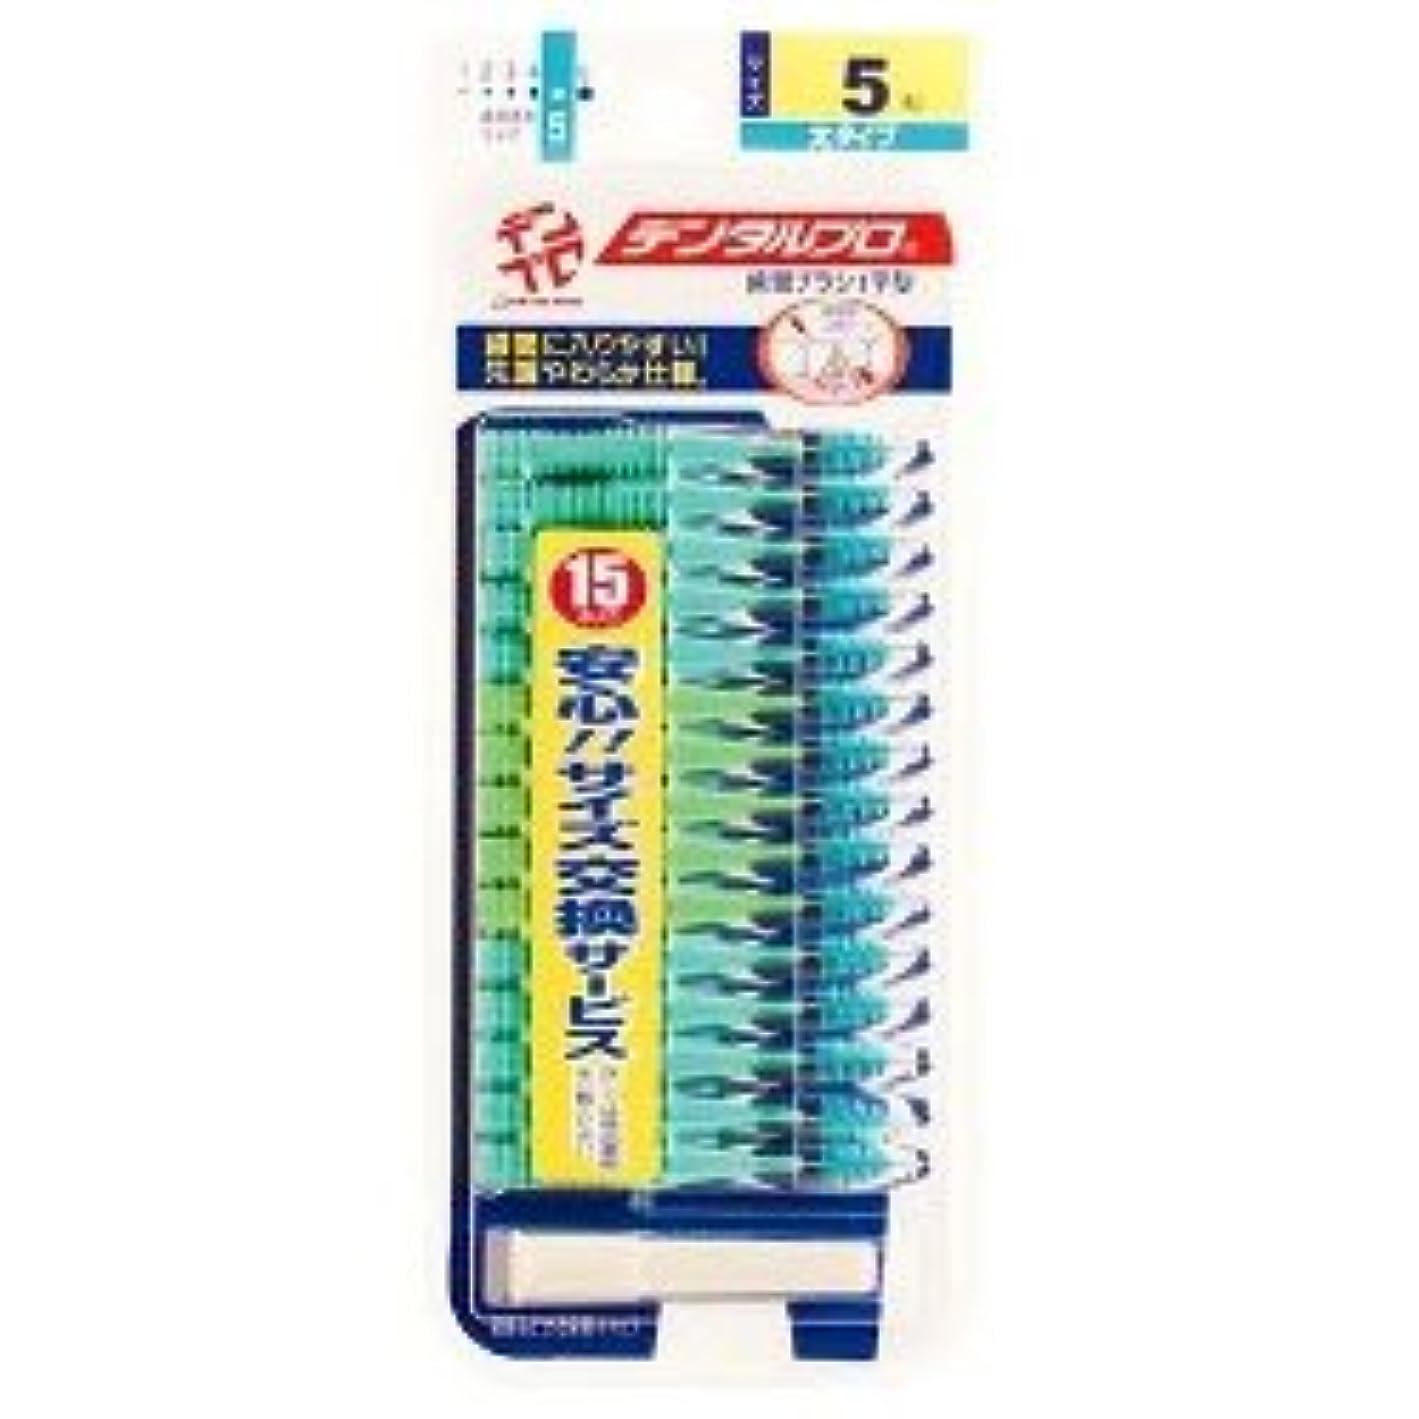 縁ブラウン地元【デンタルプロ】デンタルプロ 歯間ブラシ サイズ5-L 15本入 ×3個セット